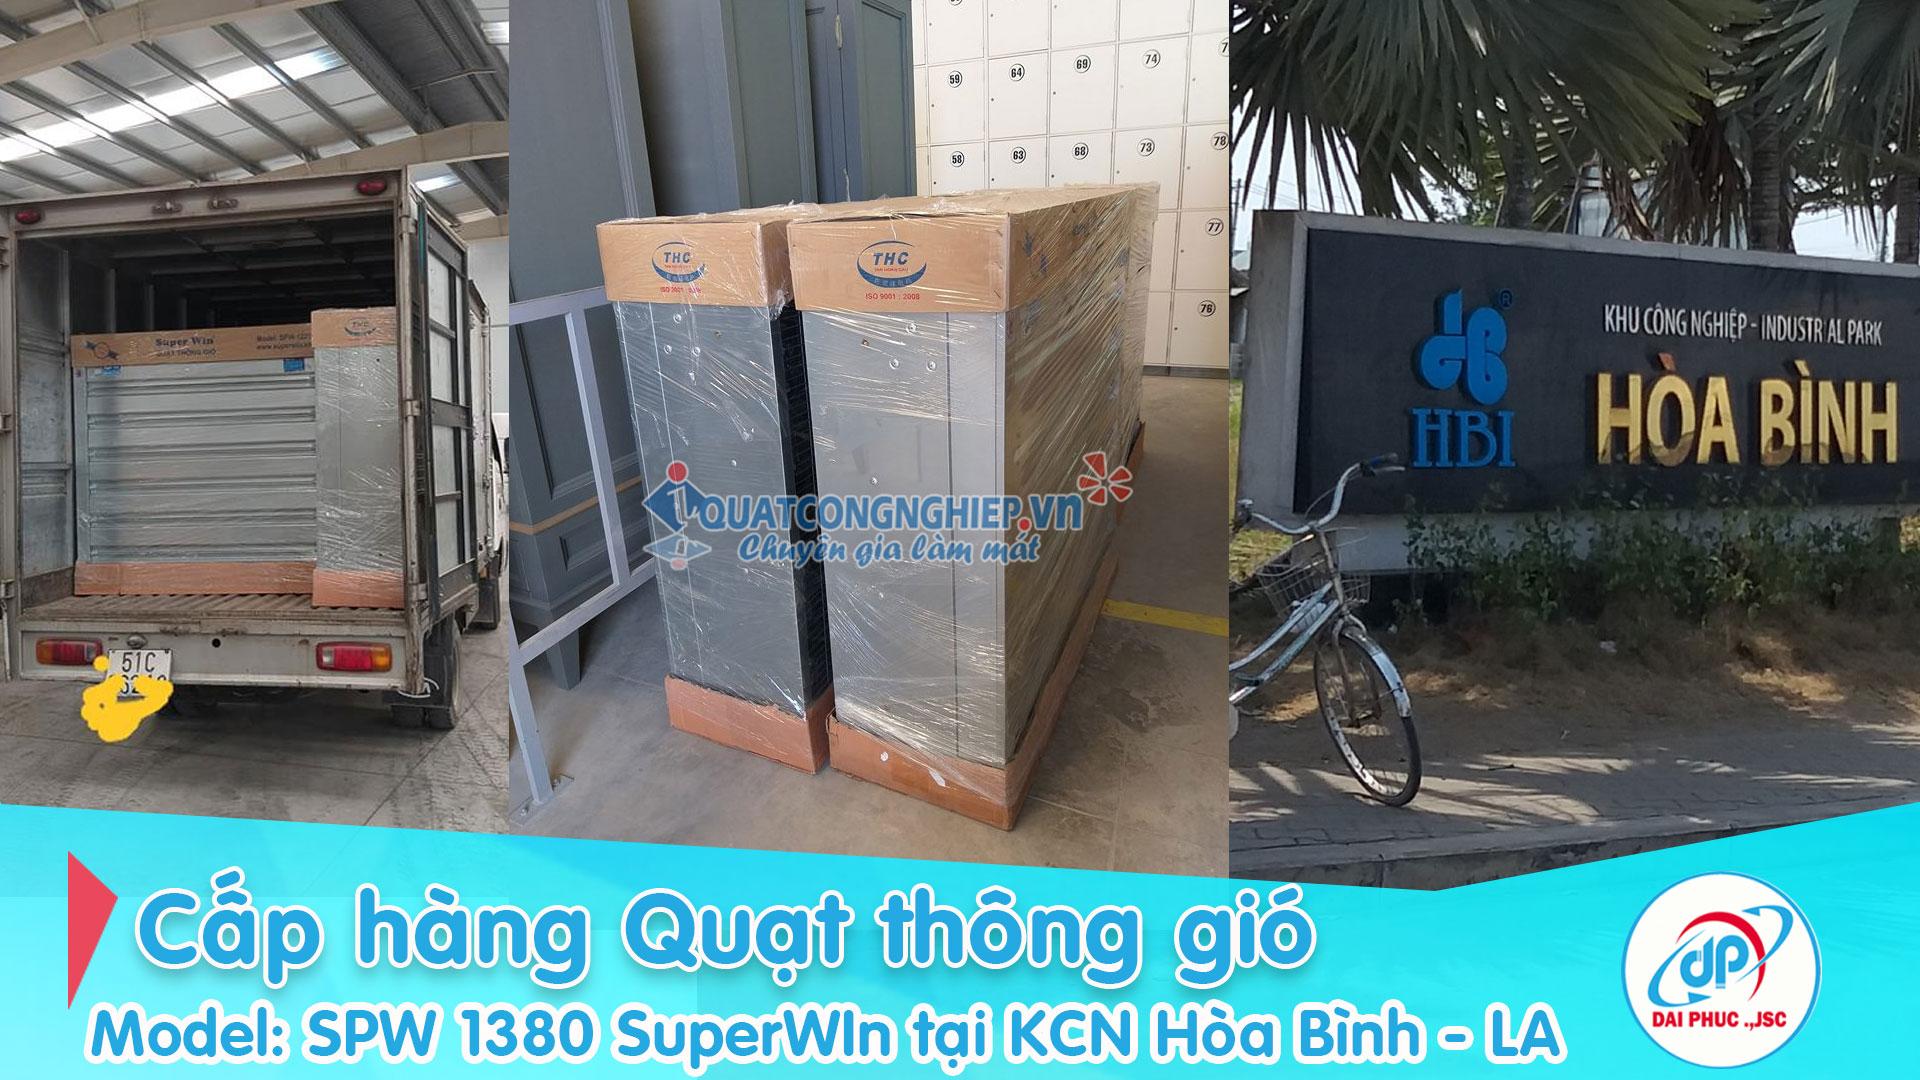 Cap-Quat-Thong-Gio-Cong-Nghiep-KCN-Hoa-Binh-LA